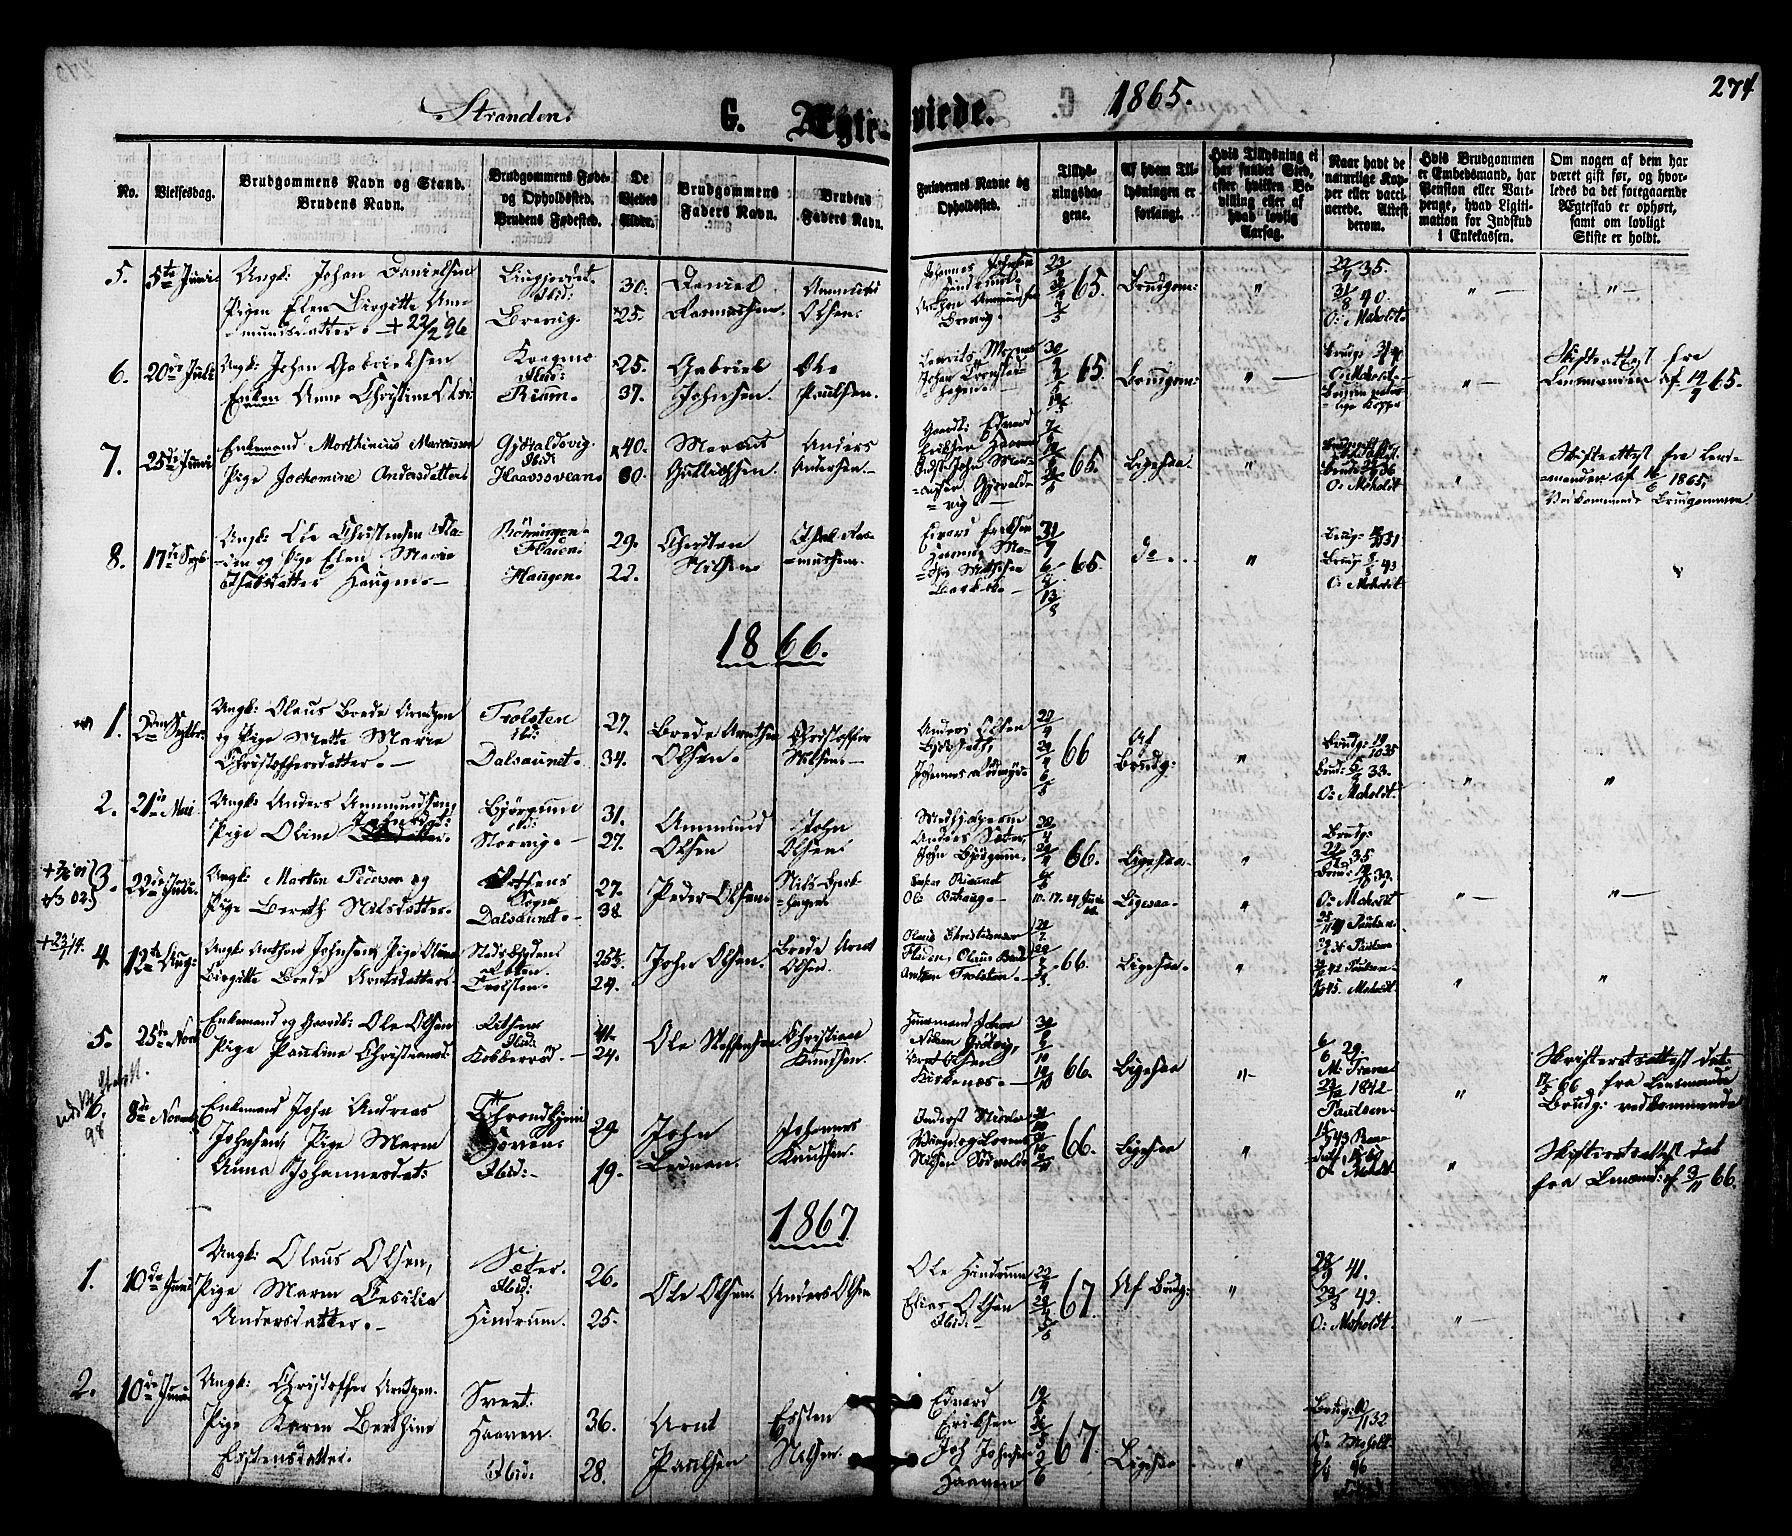 SAT, Ministerialprotokoller, klokkerbøker og fødselsregistre - Nord-Trøndelag, 701/L0009: Ministerialbok nr. 701A09 /2, 1864-1882, s. 274